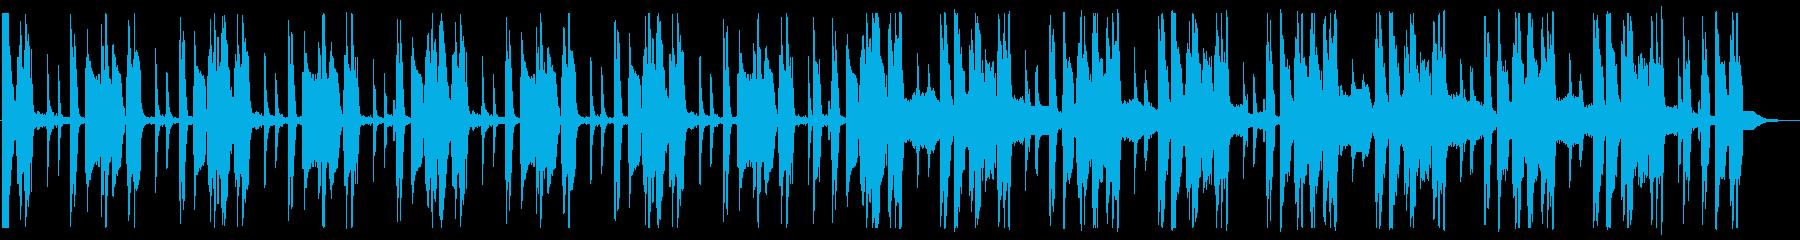 寂しげ/ヒップホップ_No476_2の再生済みの波形